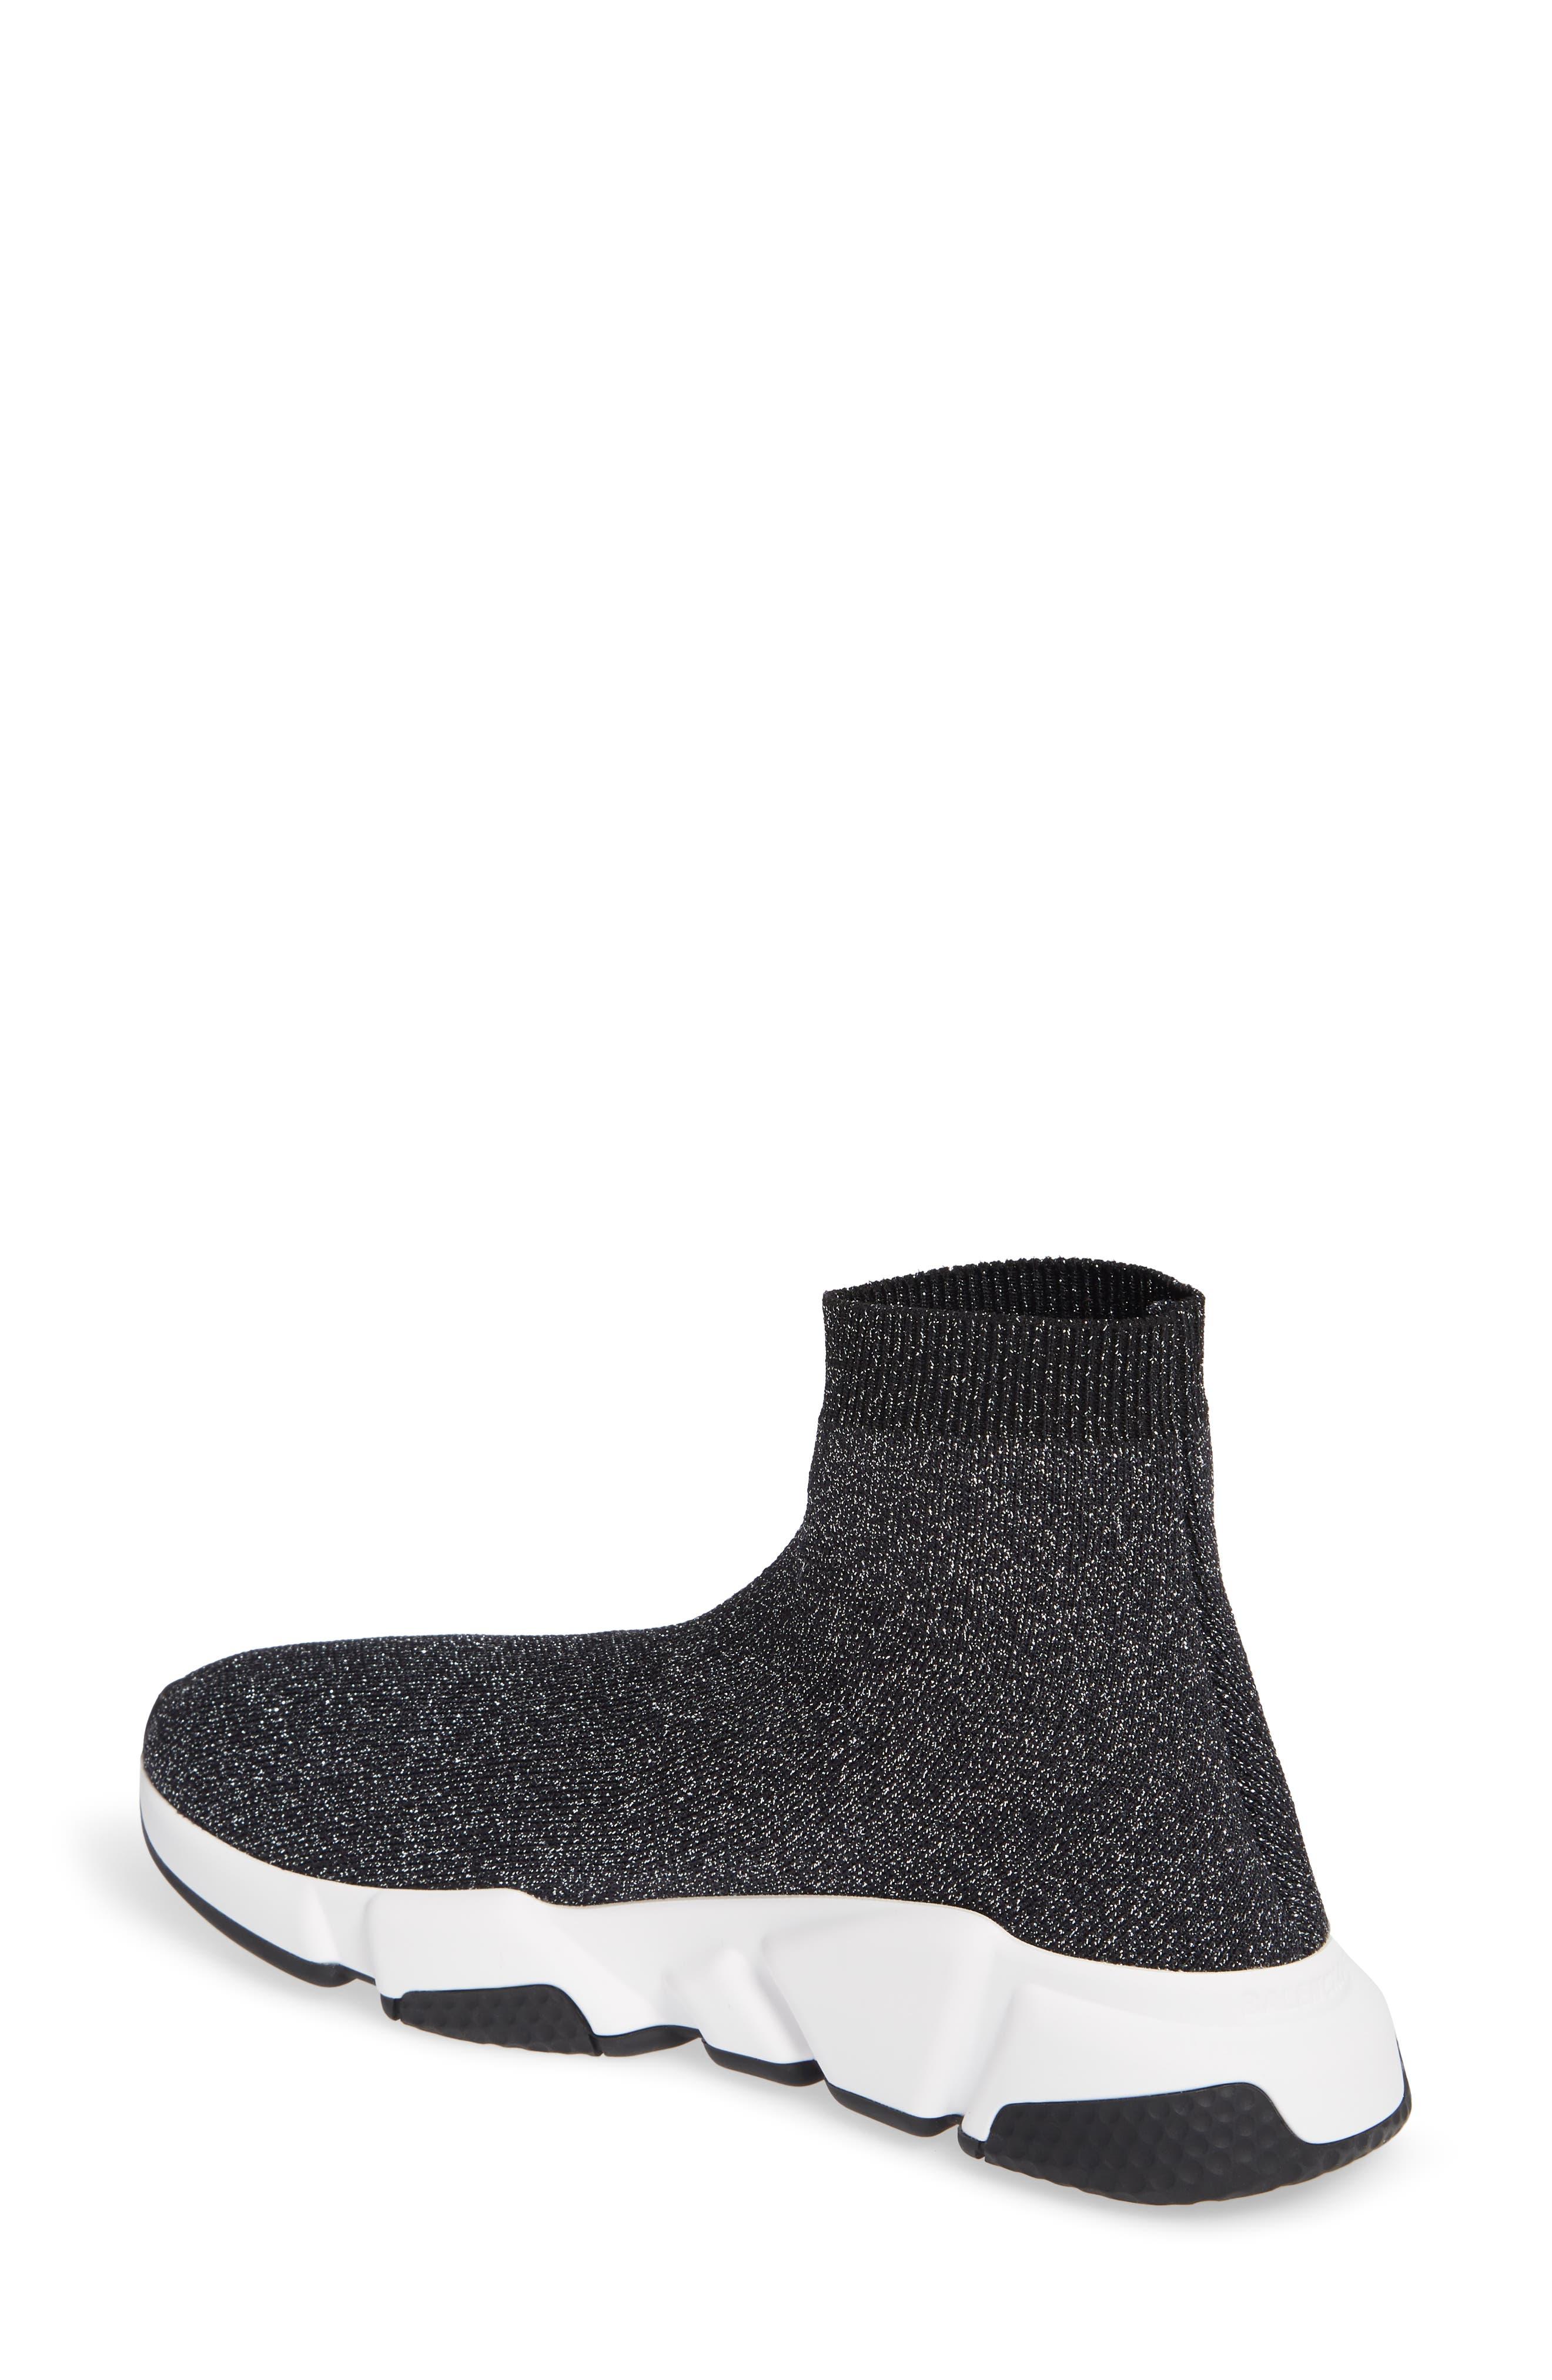 Speed Knit Sneaker,                             Alternate thumbnail 2, color,                             BLACK PEPPER